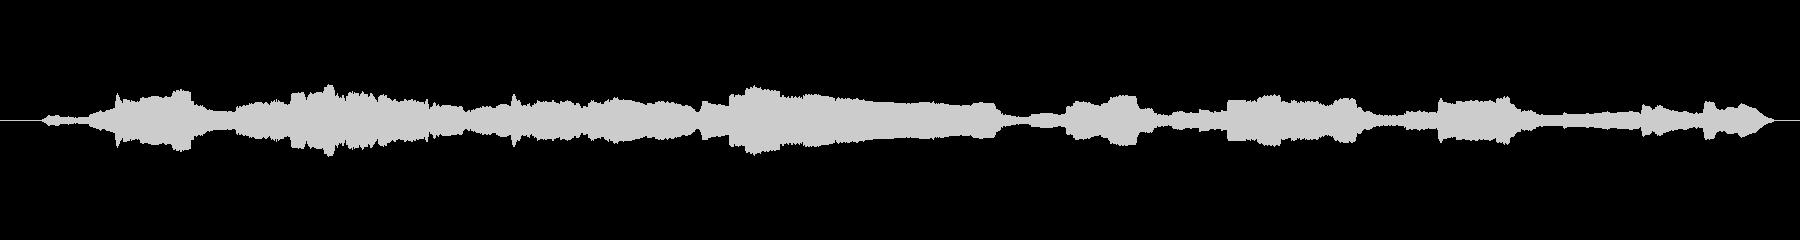 素材 オカリナランダムネスショート04の未再生の波形